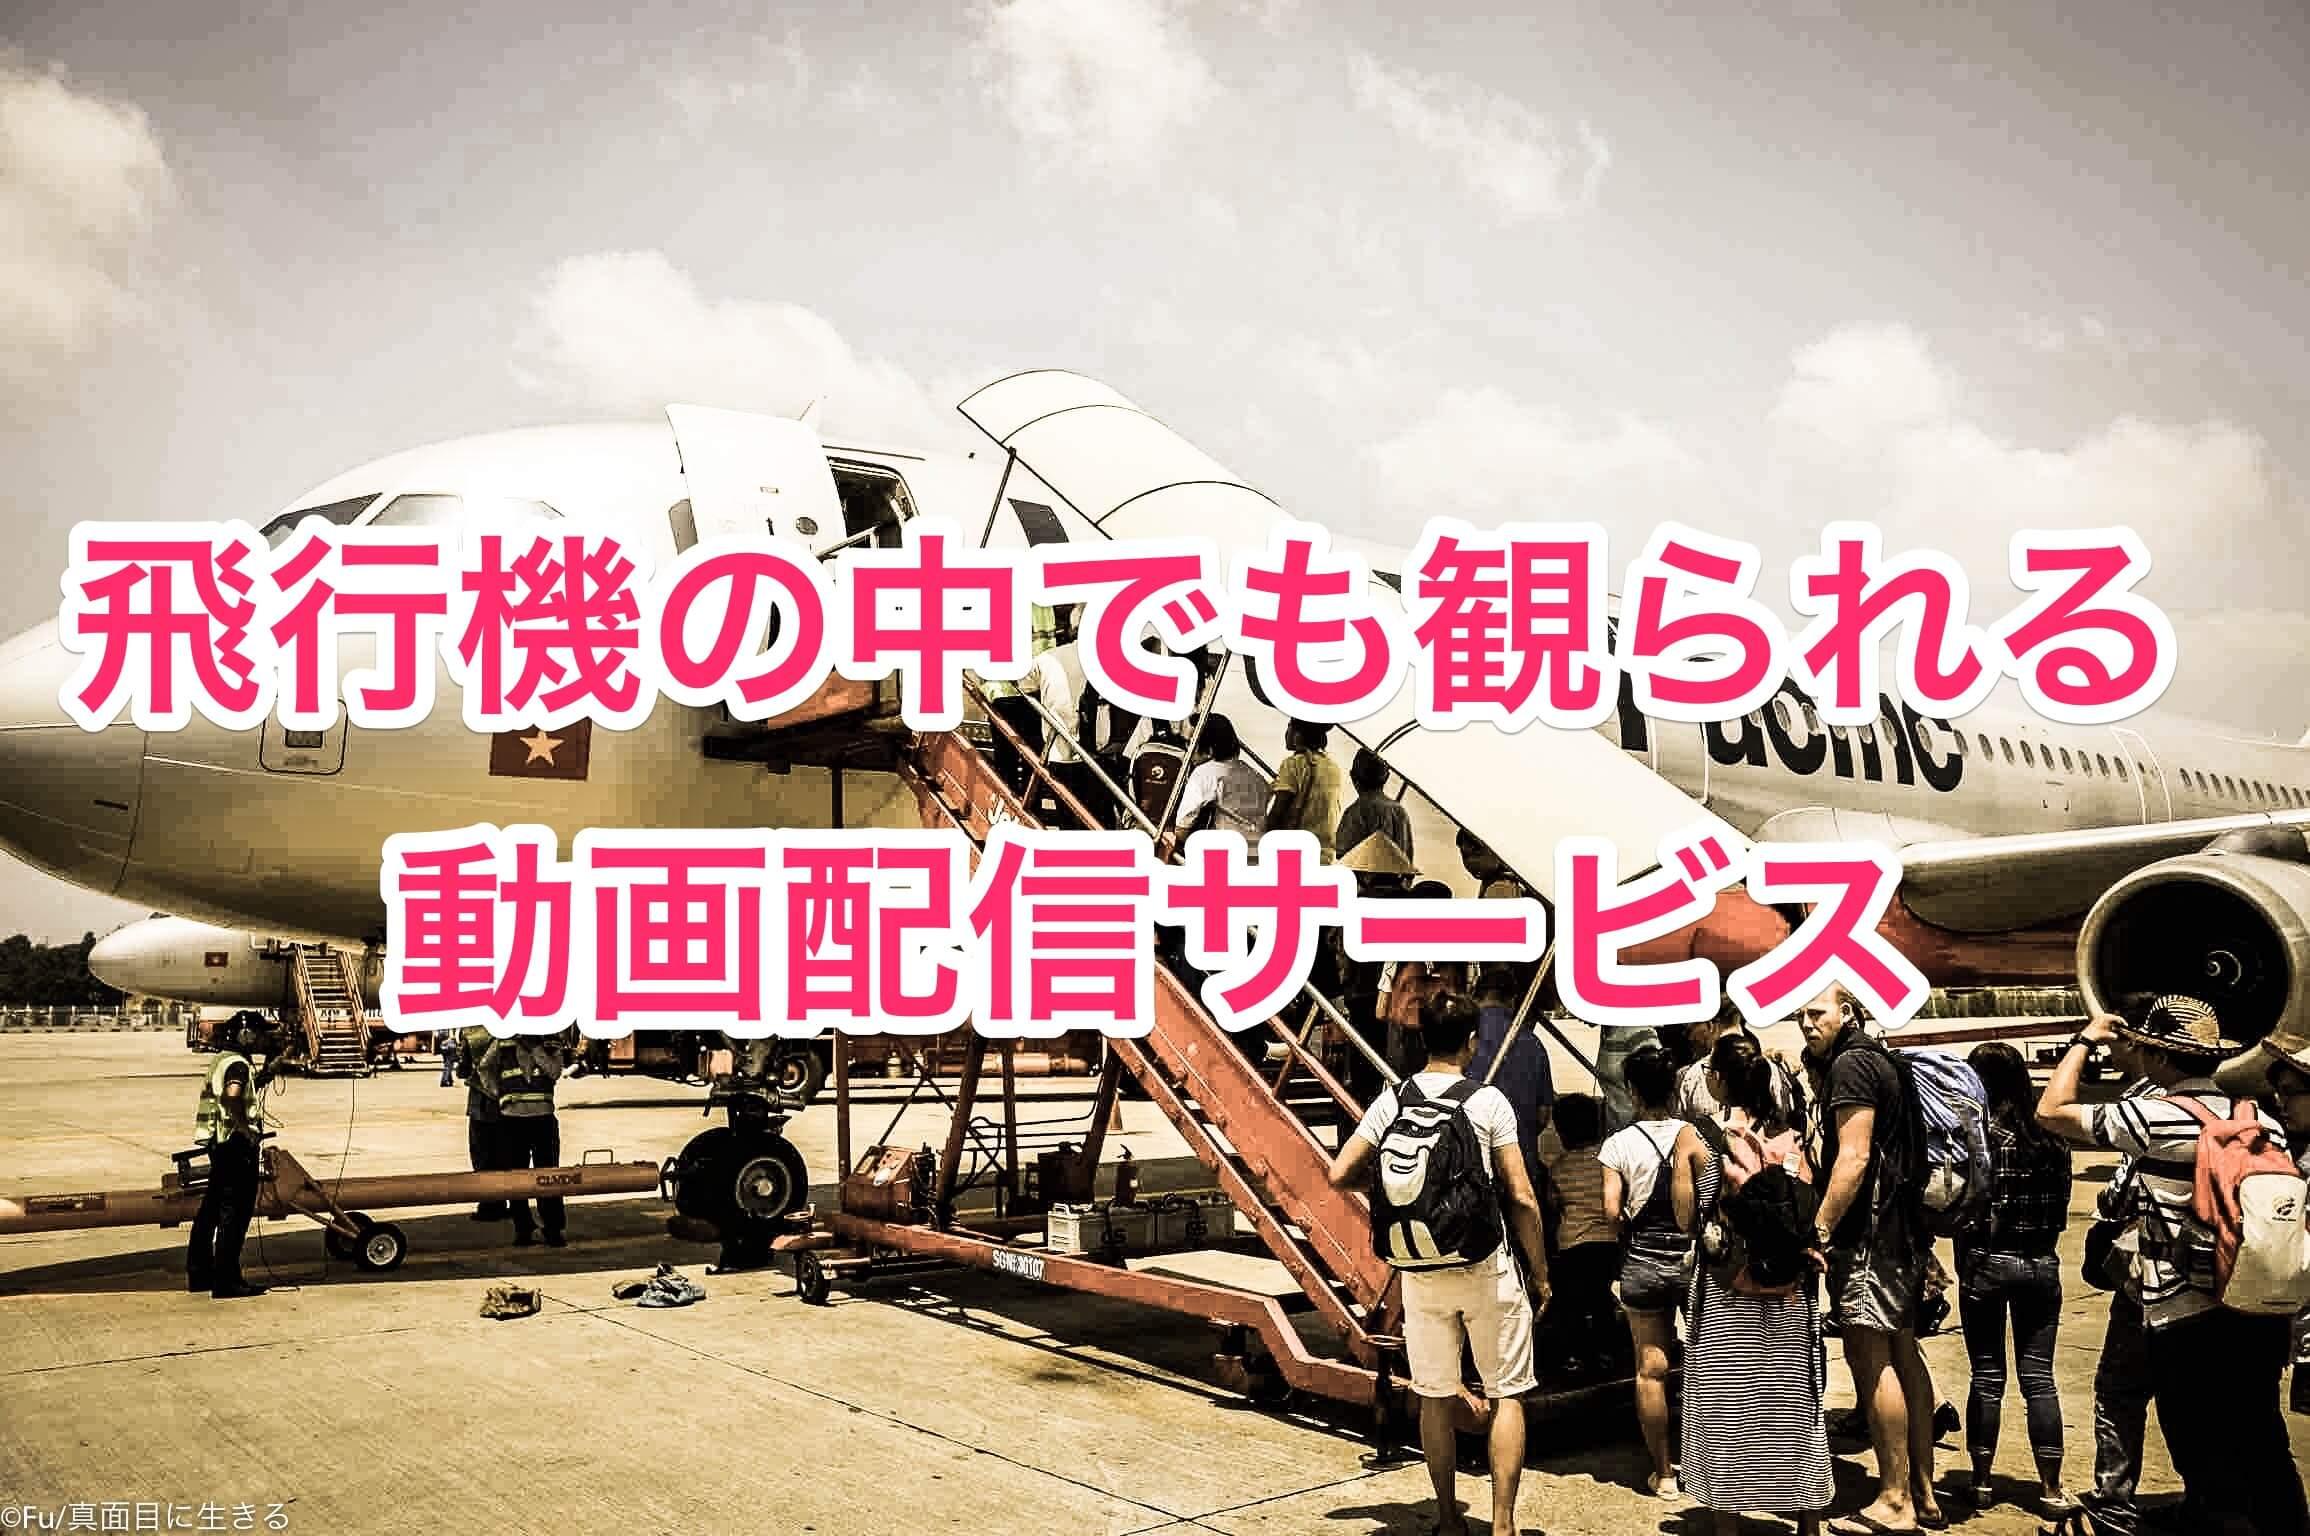 【これが無料!】飛行機の中でも観られる動画配信サービス(VOD)まとめ スマホ・タブレットでオフライン再生可能